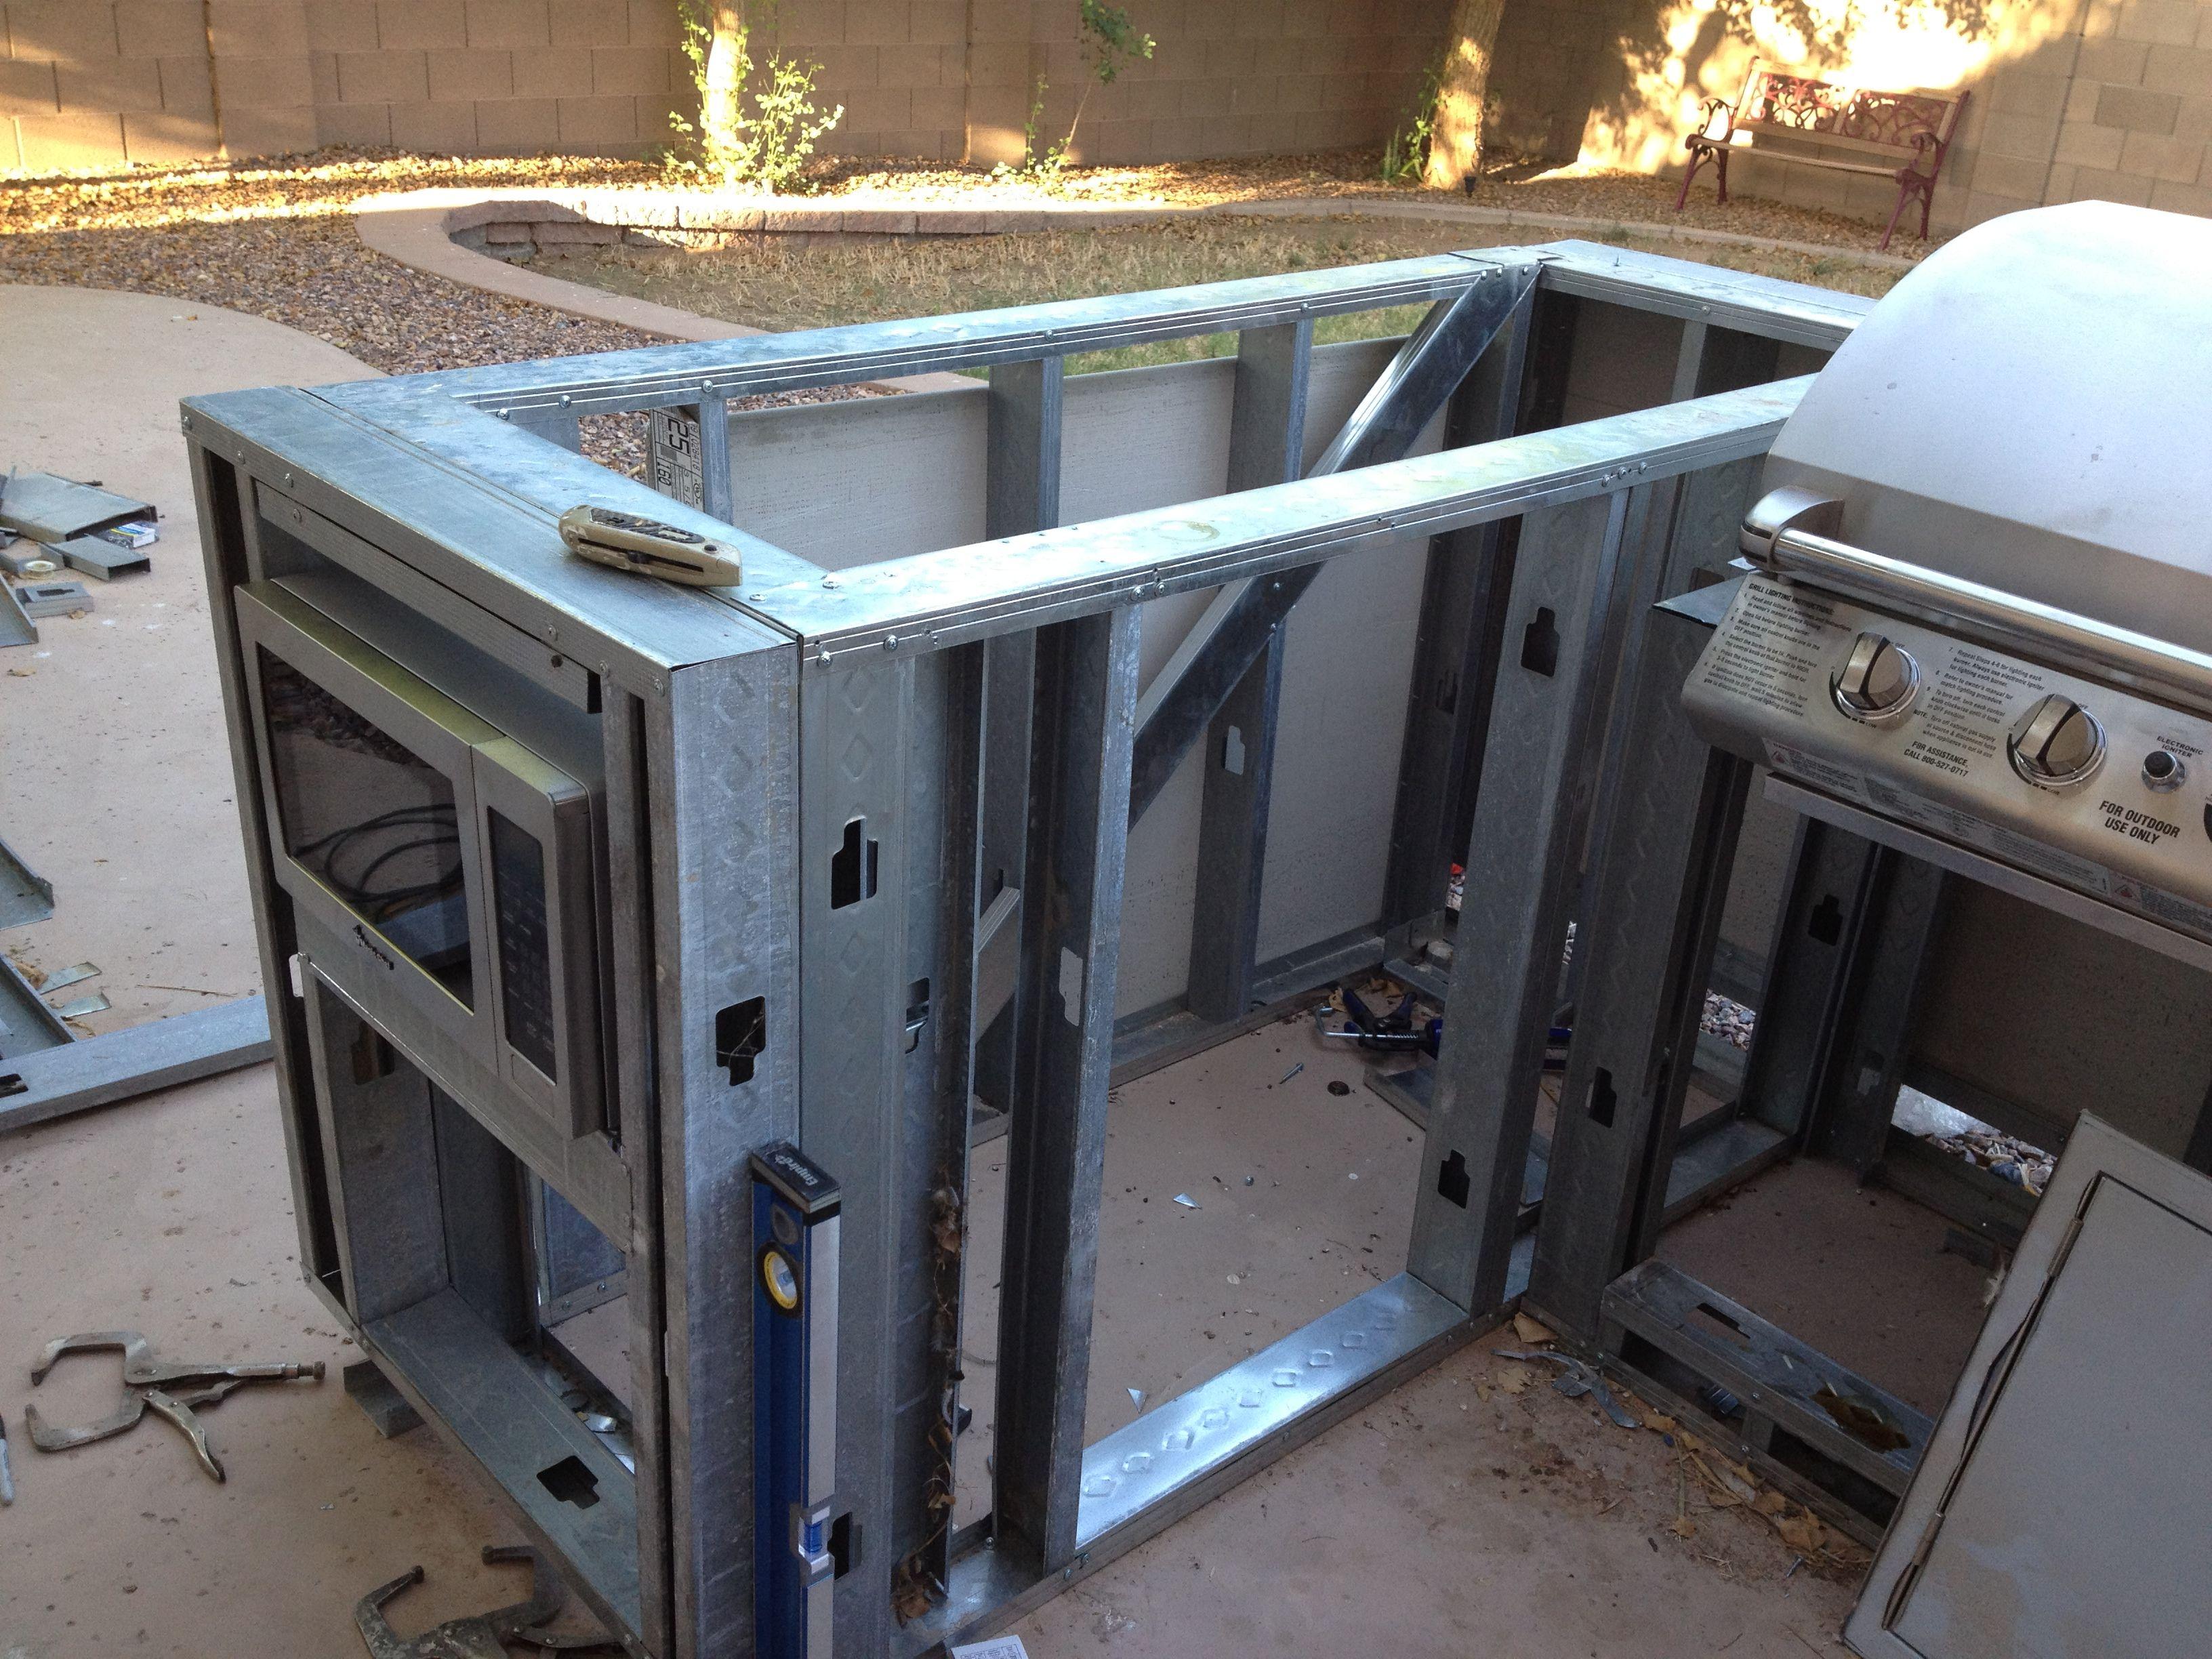 Modular Outdoor Kitchen Frames Resplendent Outdoor Kitchen Frame Plans With Minimalist Prefab